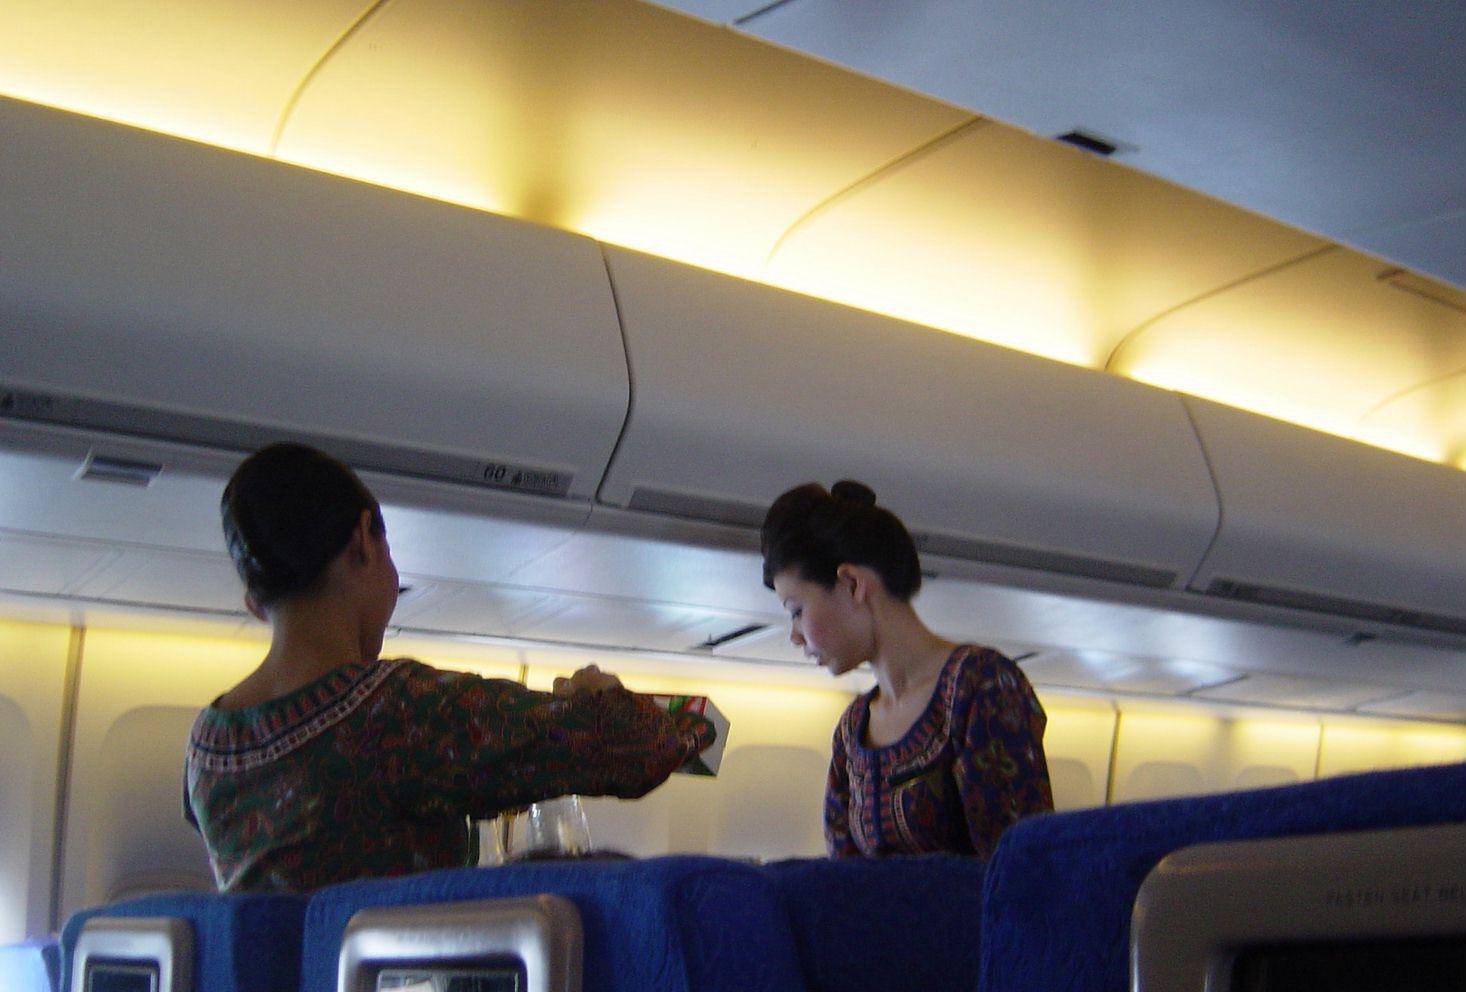 ビッチCAが疲れたフライト後にすぐにSEXする枕営業エロ画像15枚目